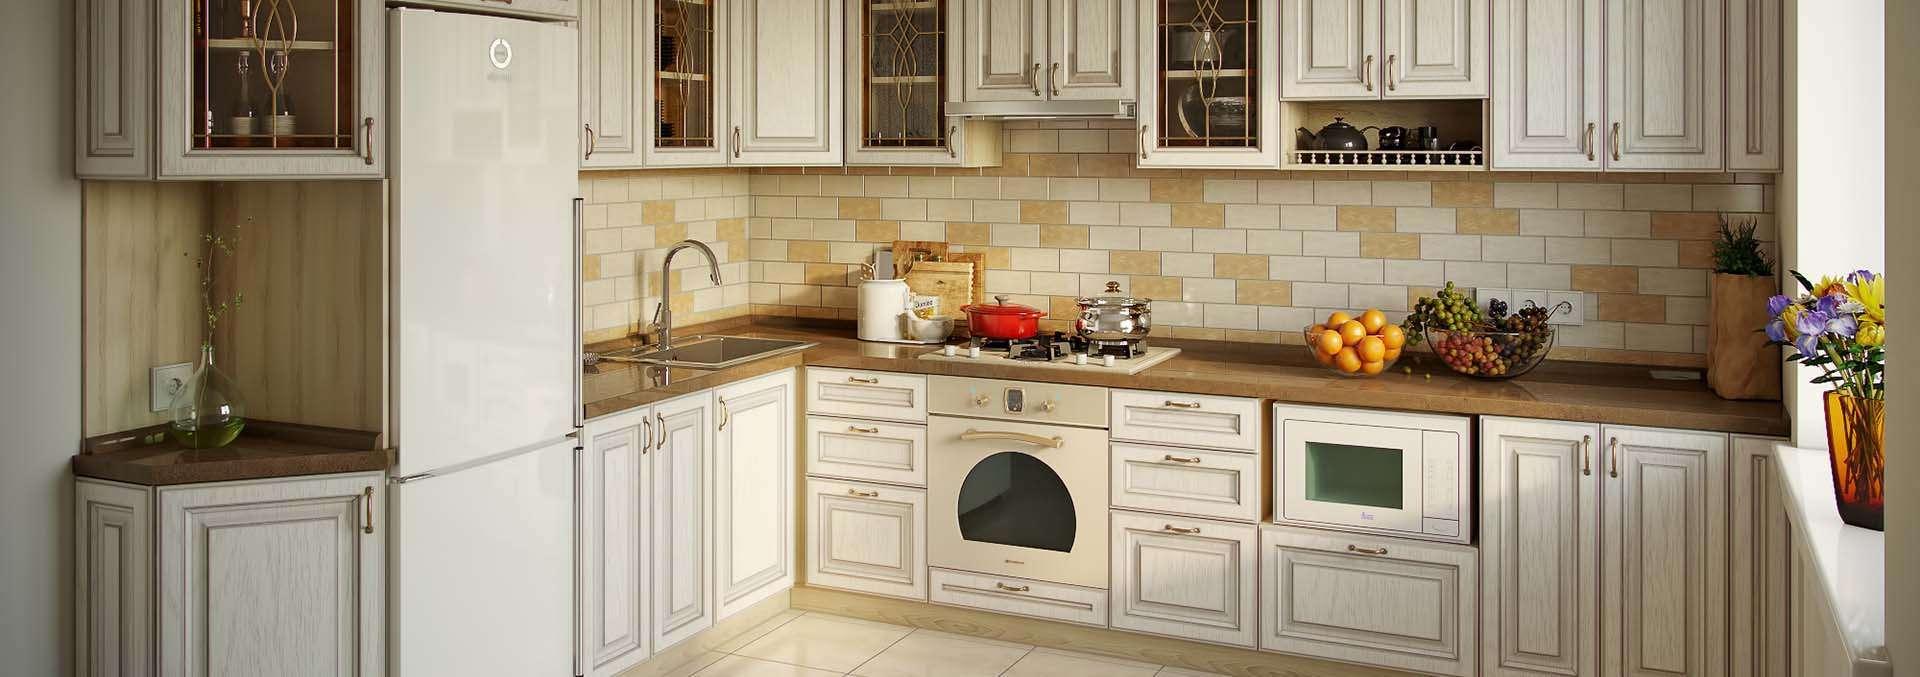 уникальный дизайн вашей кухни бесплатно